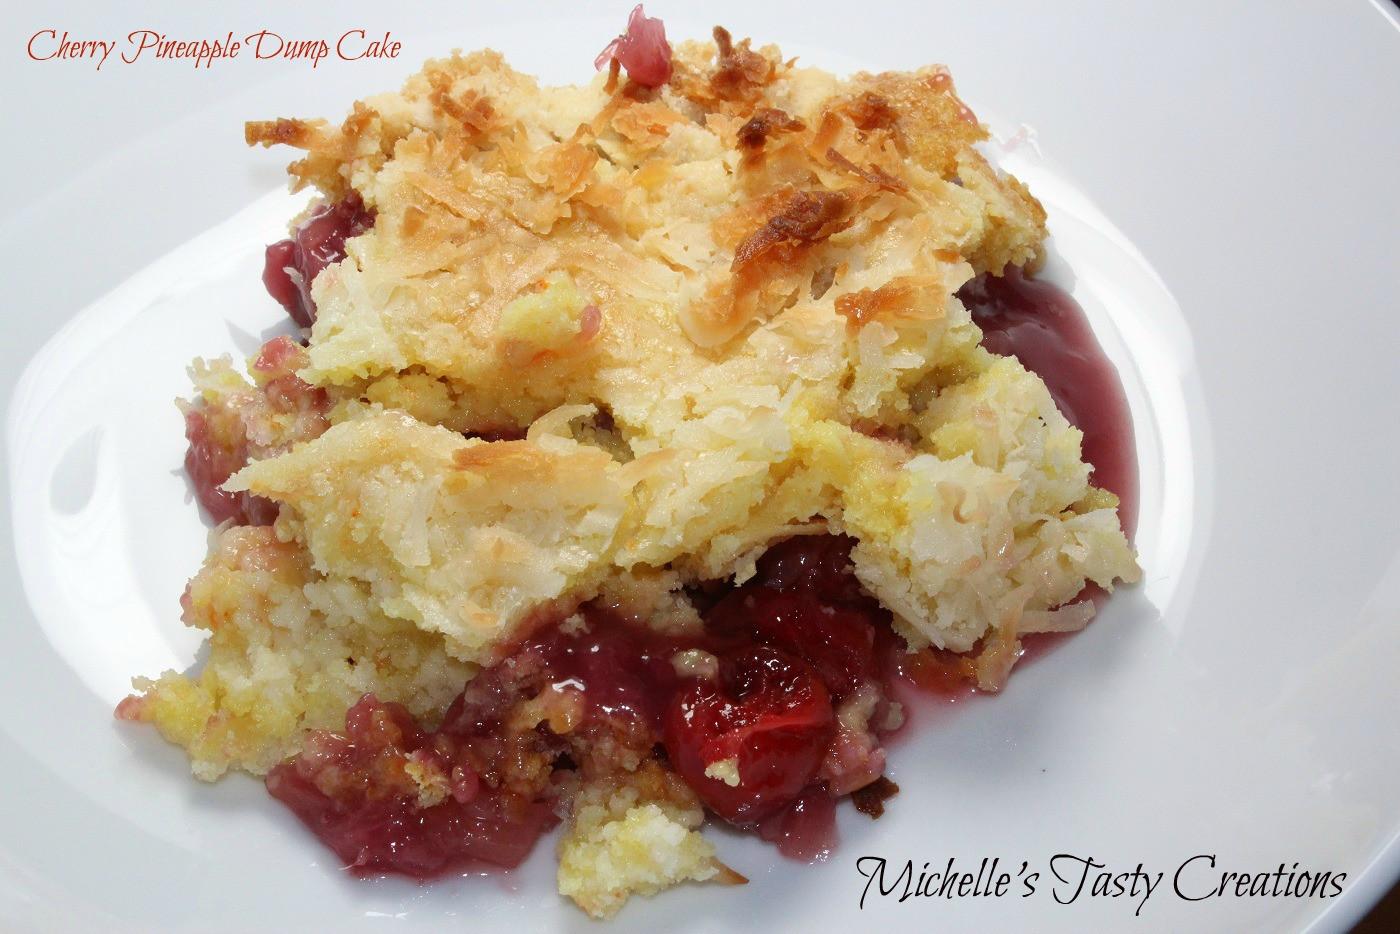 Cherry Pineapple Dump Cake  Michelle s Tasty Creations Cherry Pineapple Dump Cake